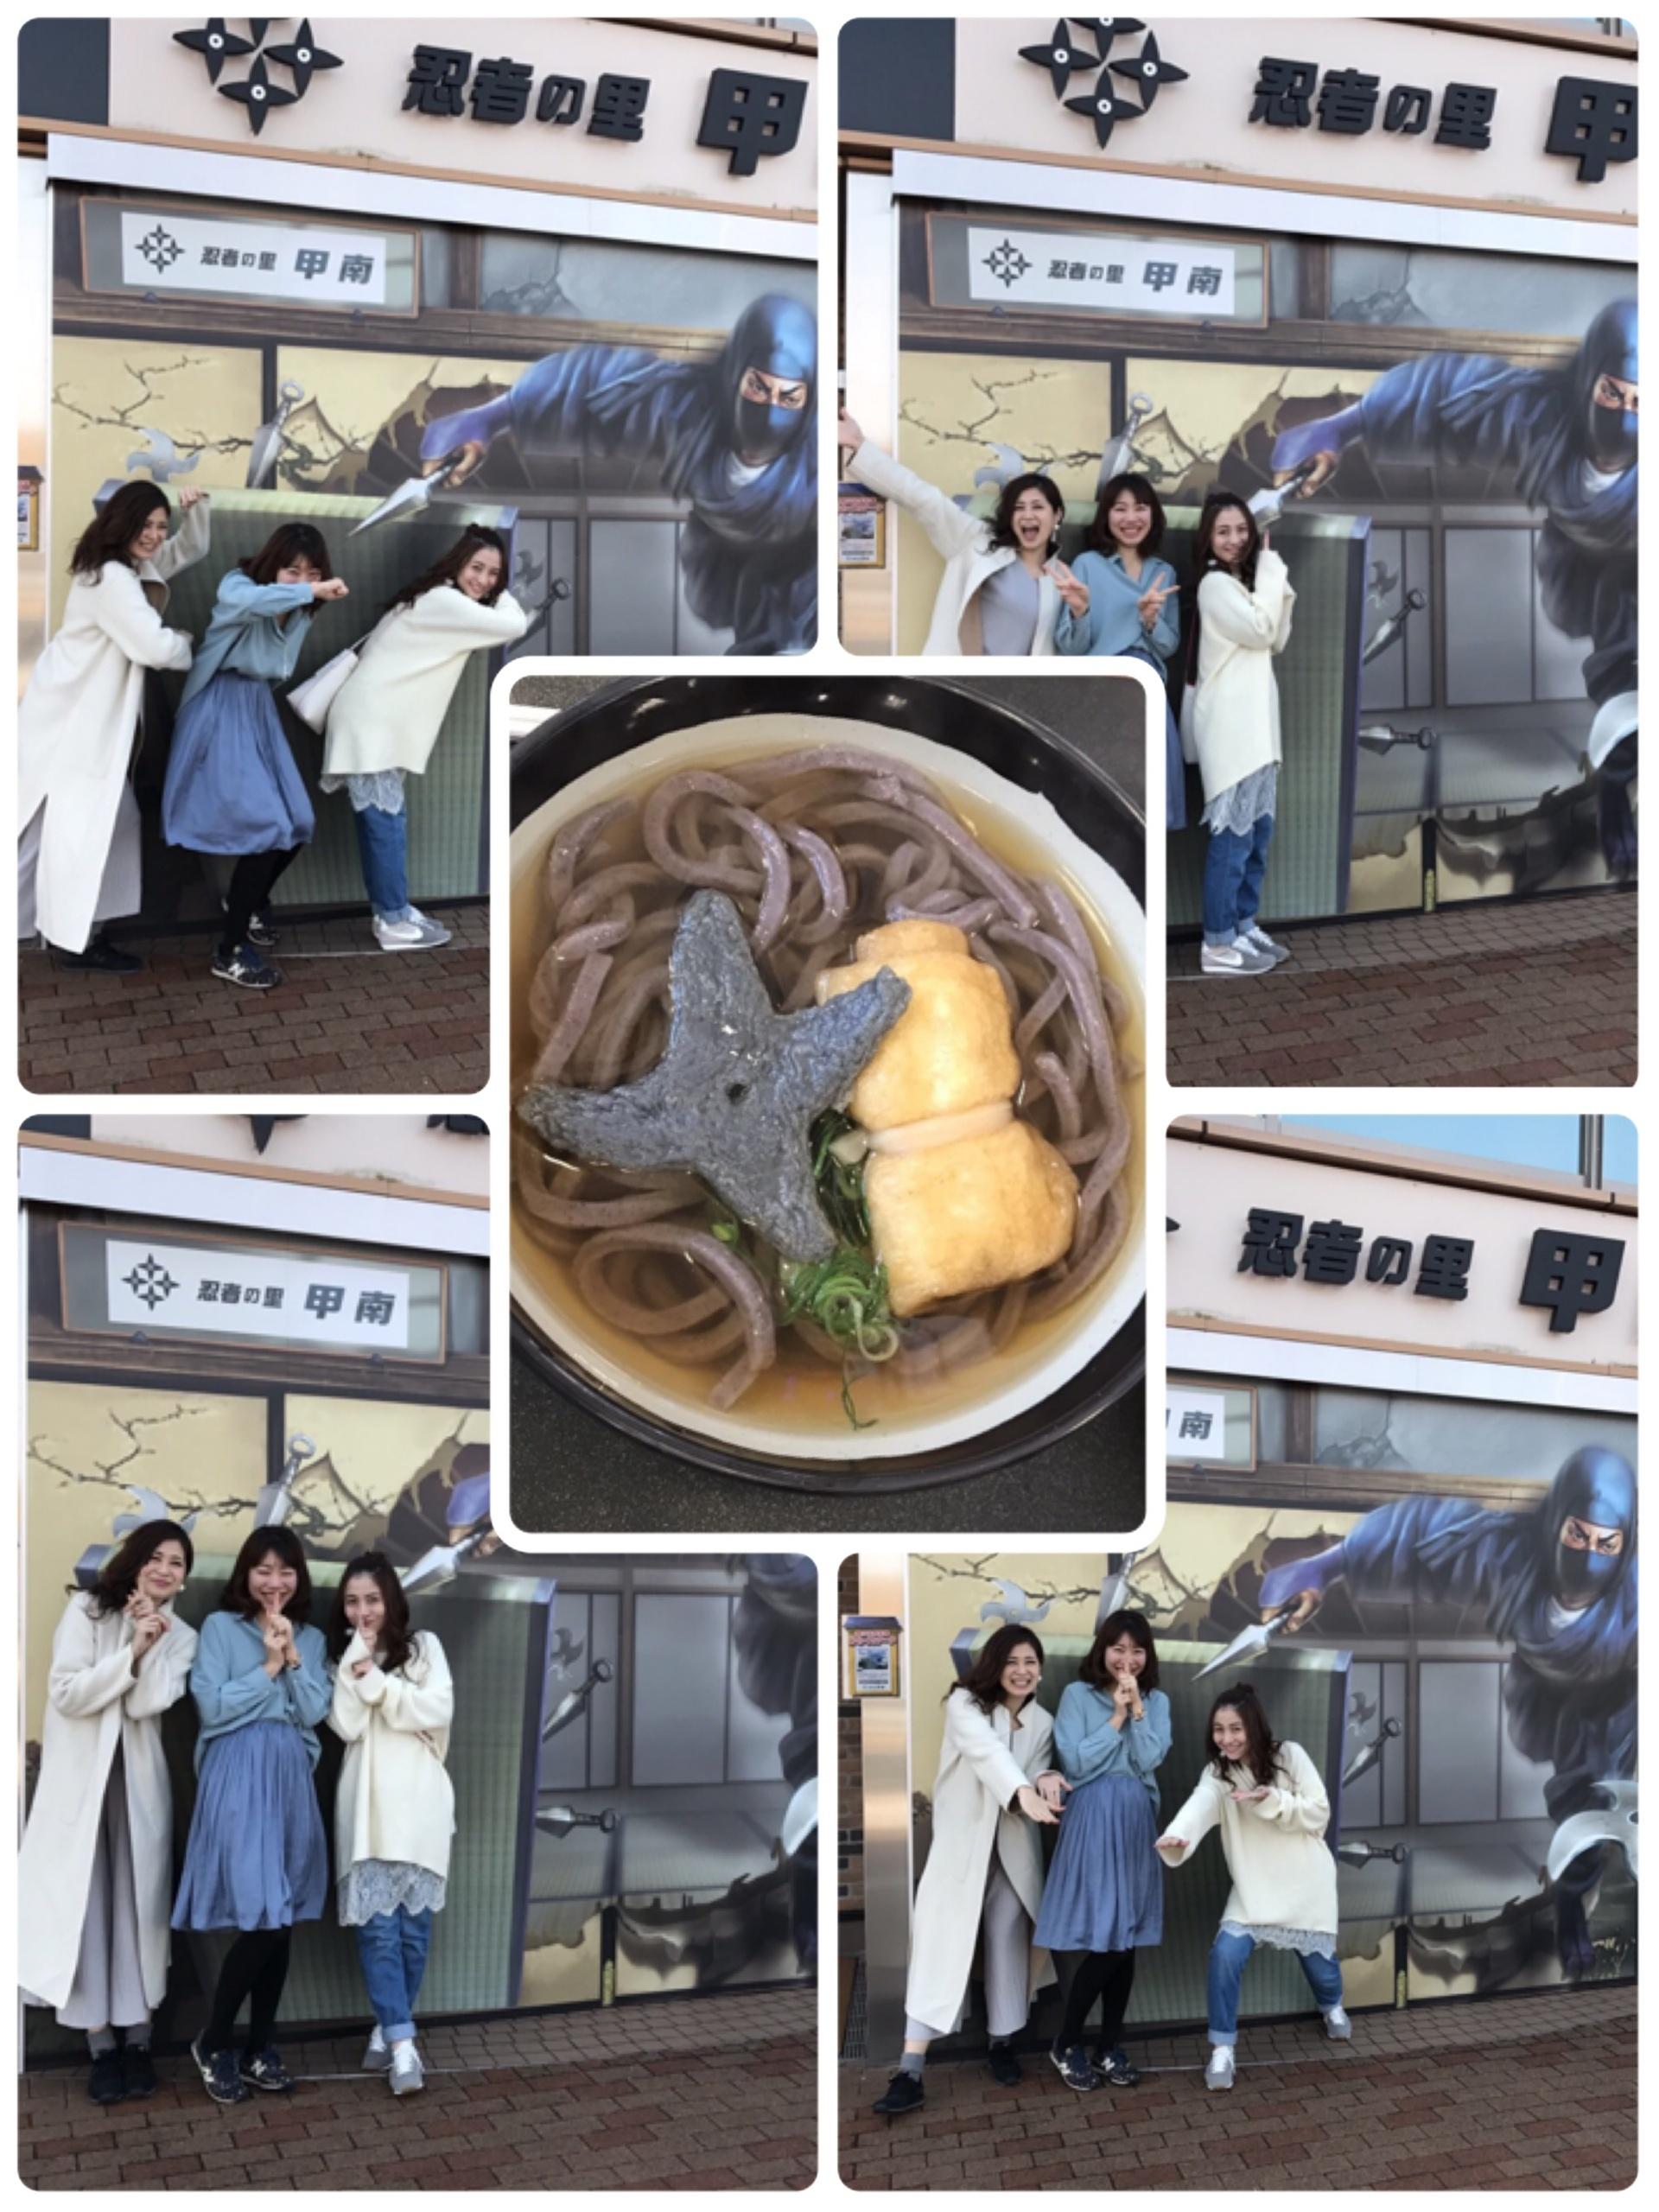 ドライブ女子旅でわかった! 東京→大阪のおすすめサービスエリア5選♡_7